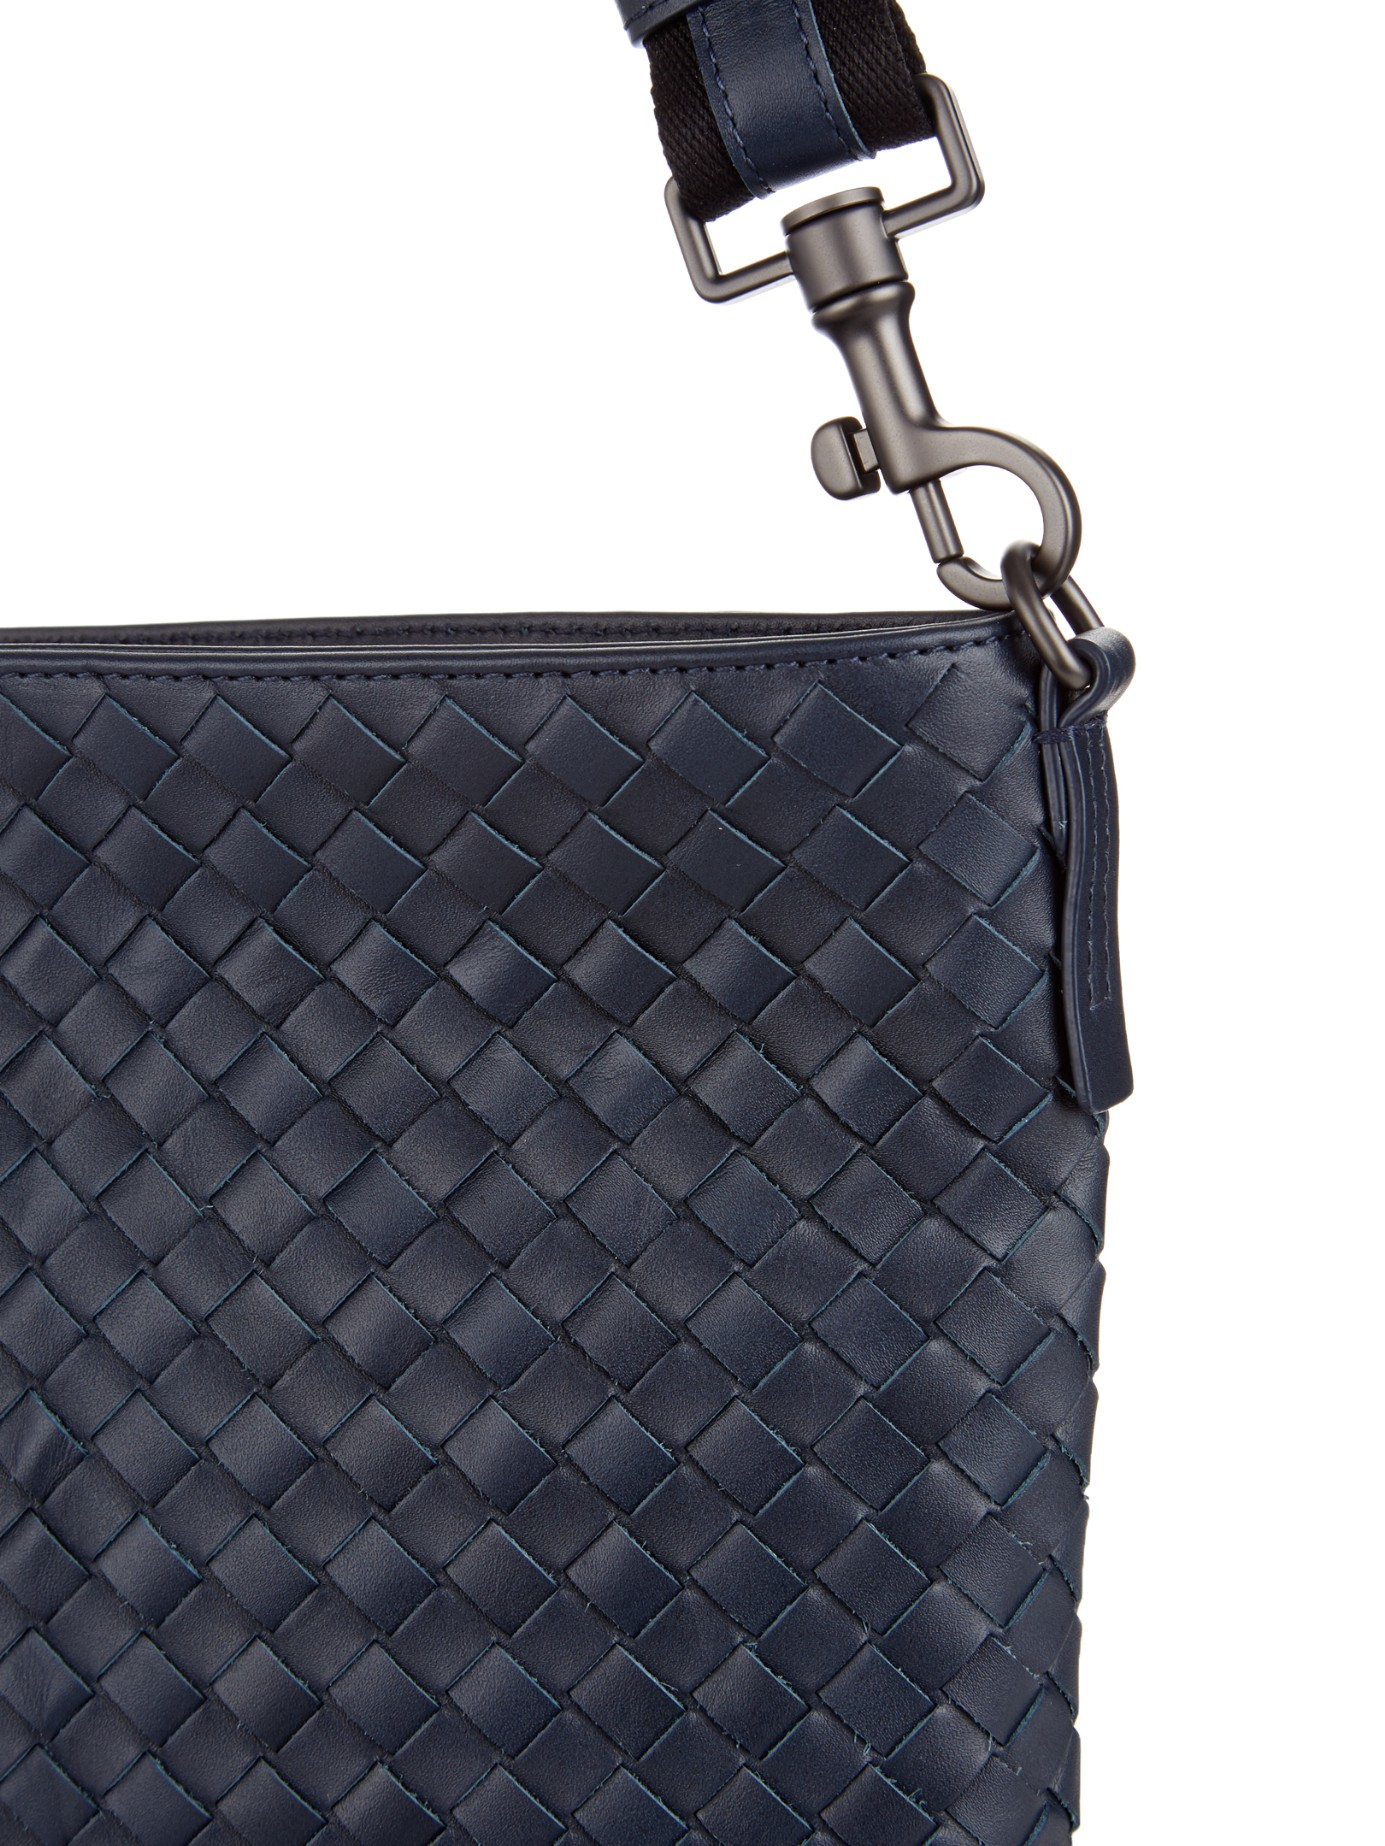 Bottega Veneta Messenger Medium Intrecciato Leather Tote Replica